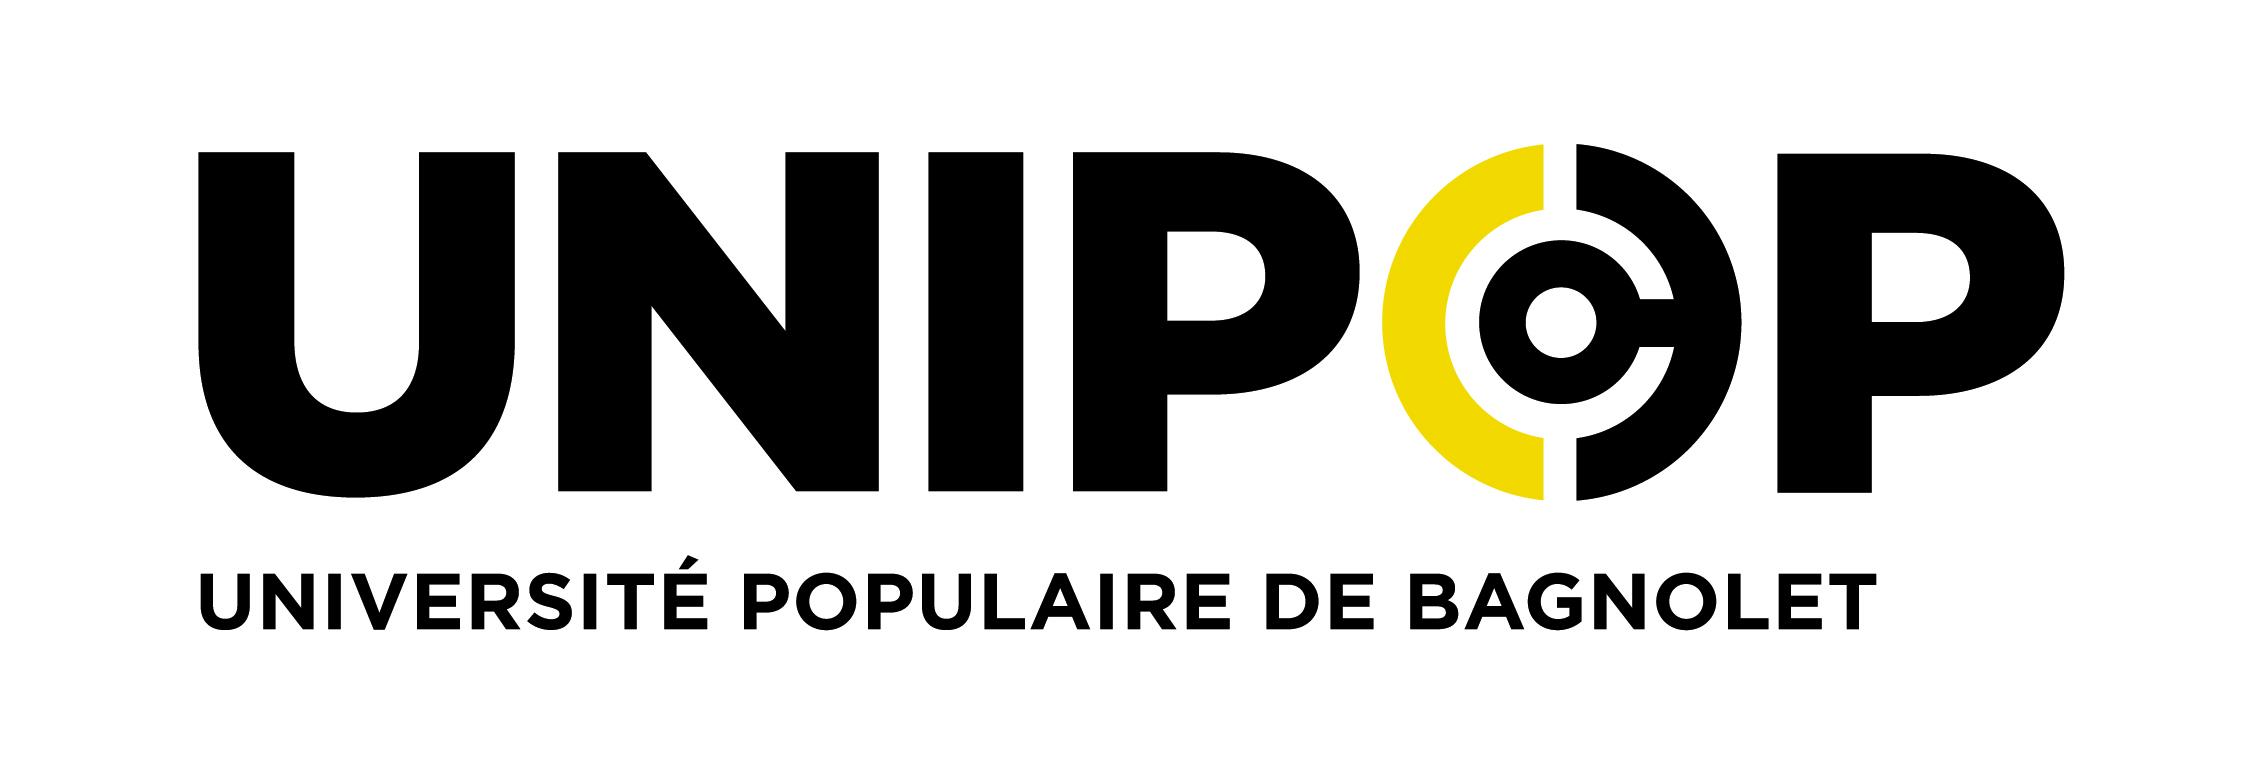 Université Populaire de Bagnolet